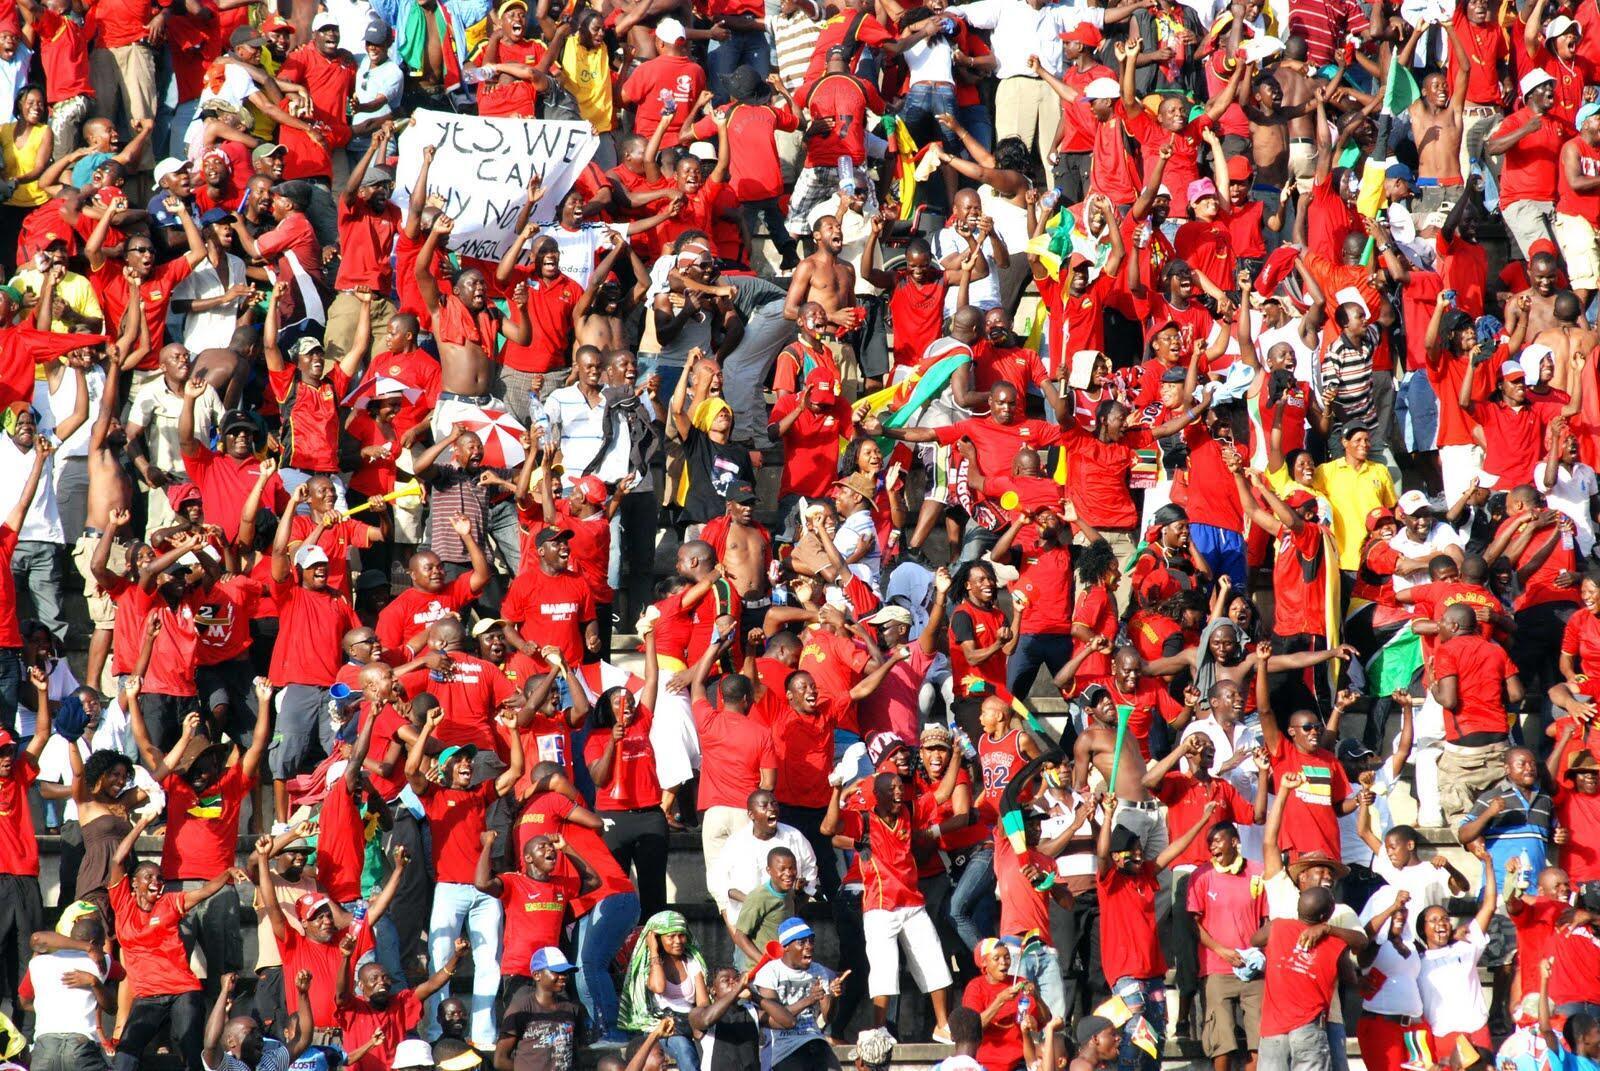 Adeptos dos Mambas, selecção de futebol moçambicana derrotada por Namíbia, a contar para CAN-2019